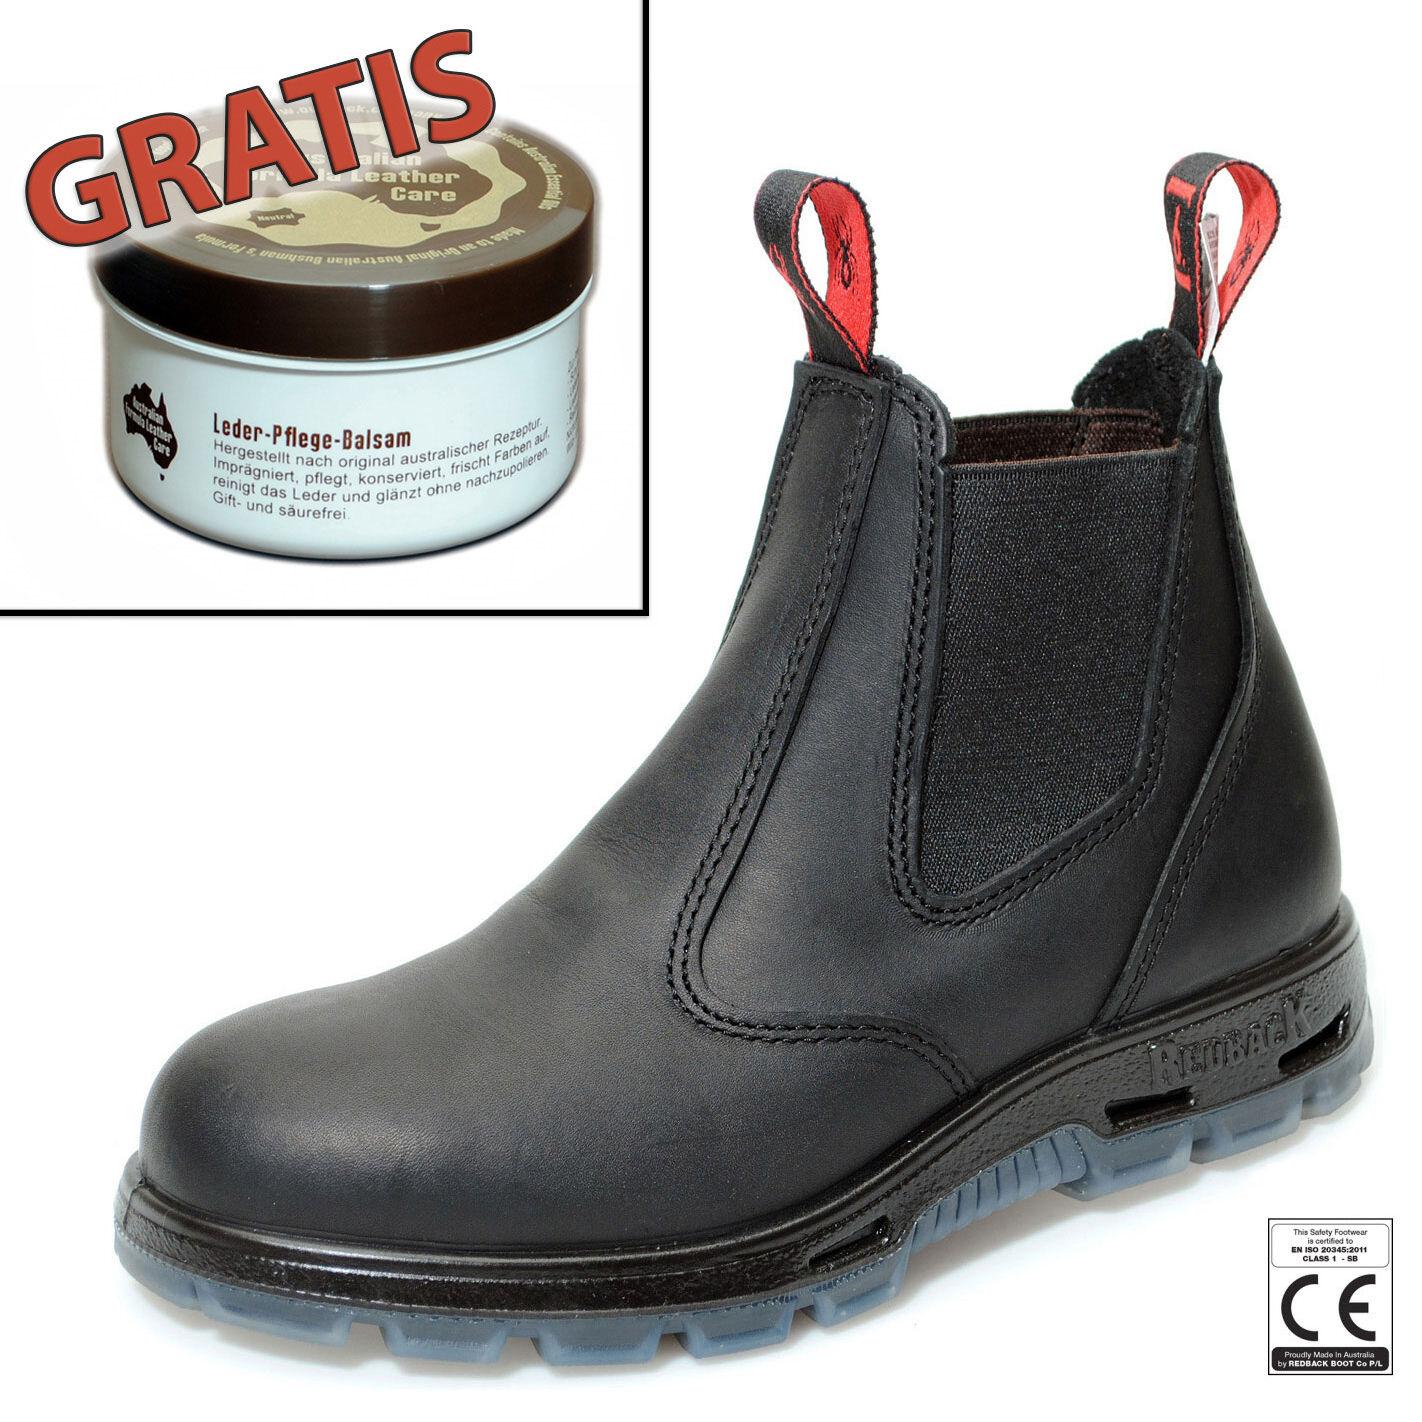 Redback Work Boots Sicherheitsschuh Arbeitsschuh Stahlkappe USBBK Black +Zugabe